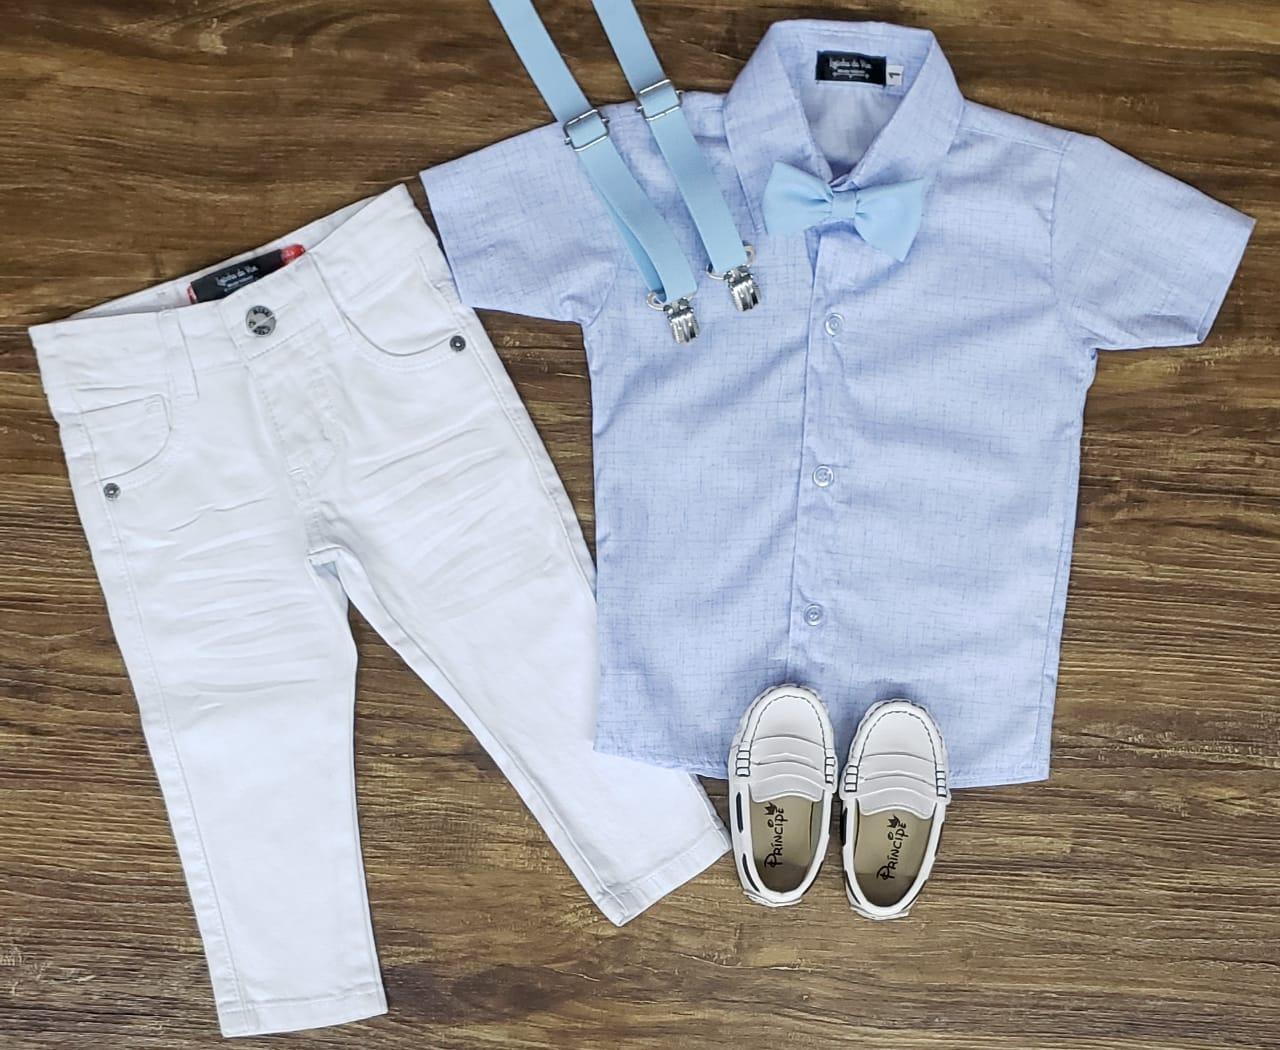 Calça Branca com Suspensório e Camisa Azul com Gravata